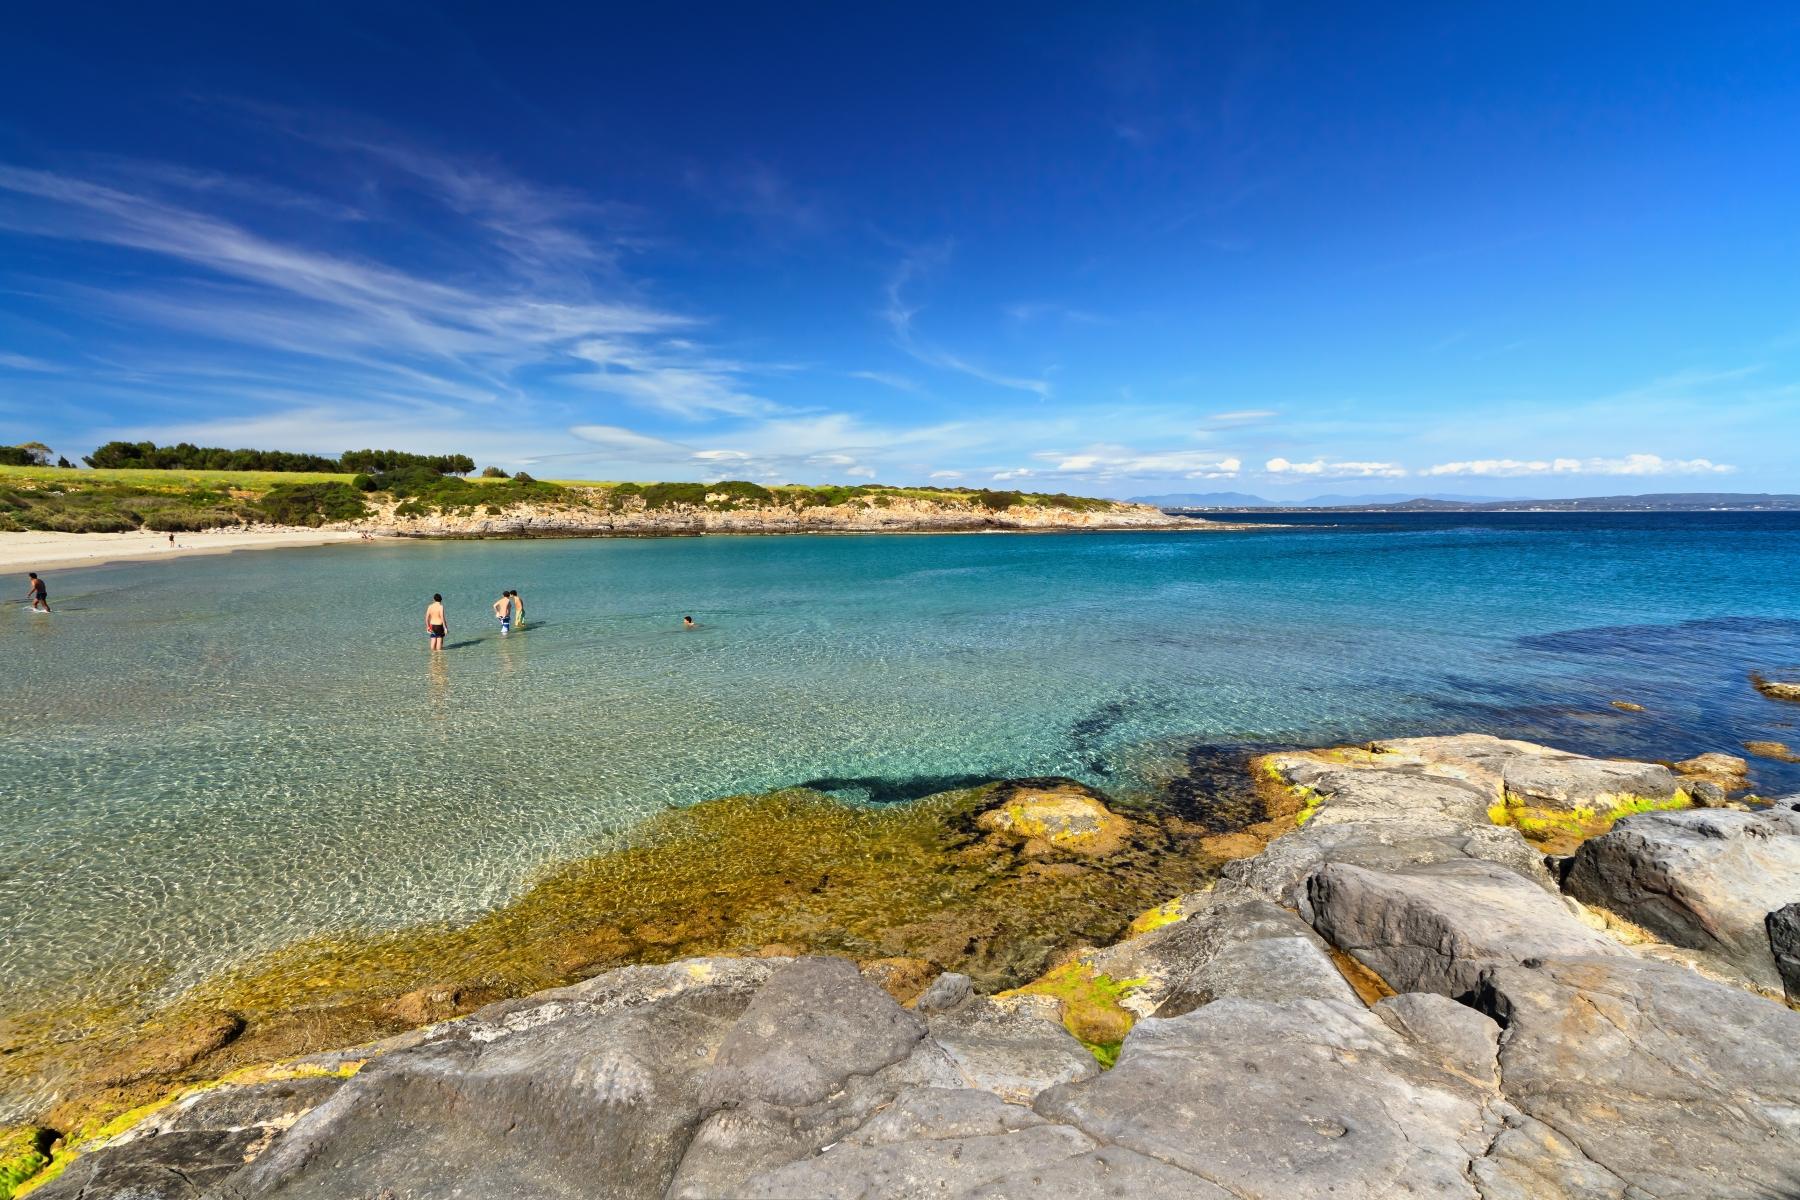 San pietro sardegnaturismo sito ufficiale del turismo della spiaggia la bobba isola san pietro sciox Gallery